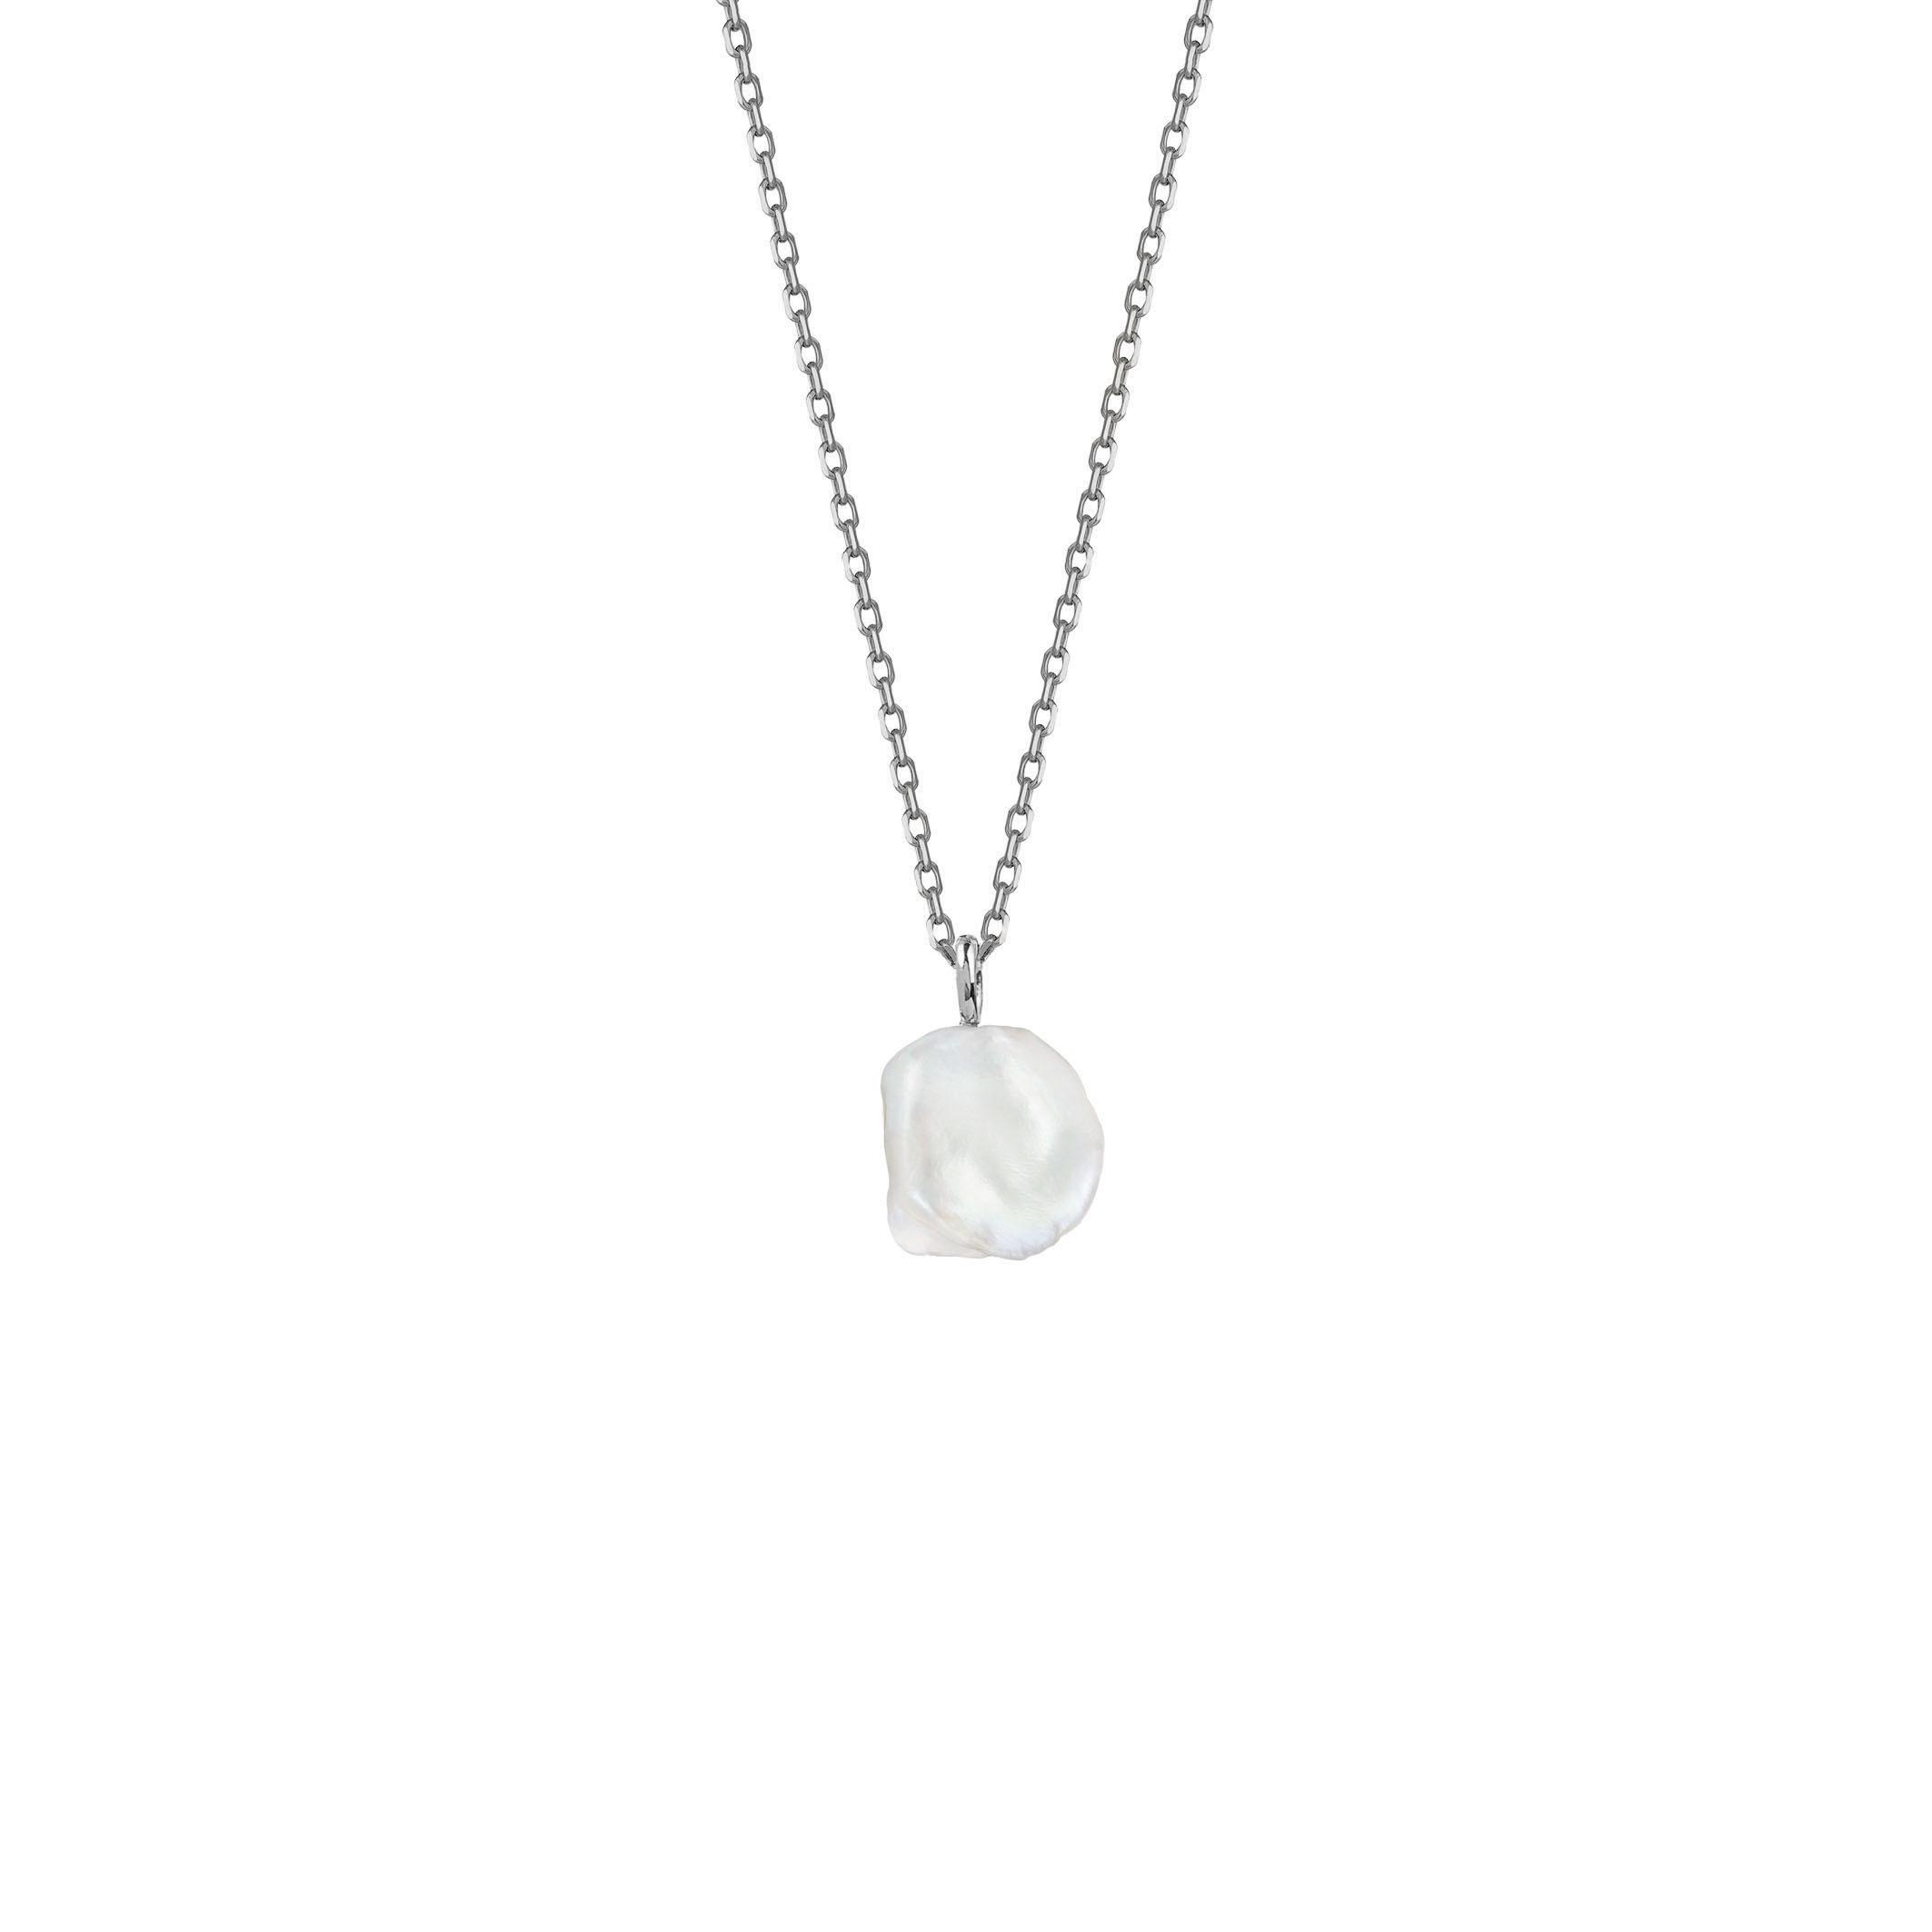 Medium Pearl Necklace / silver